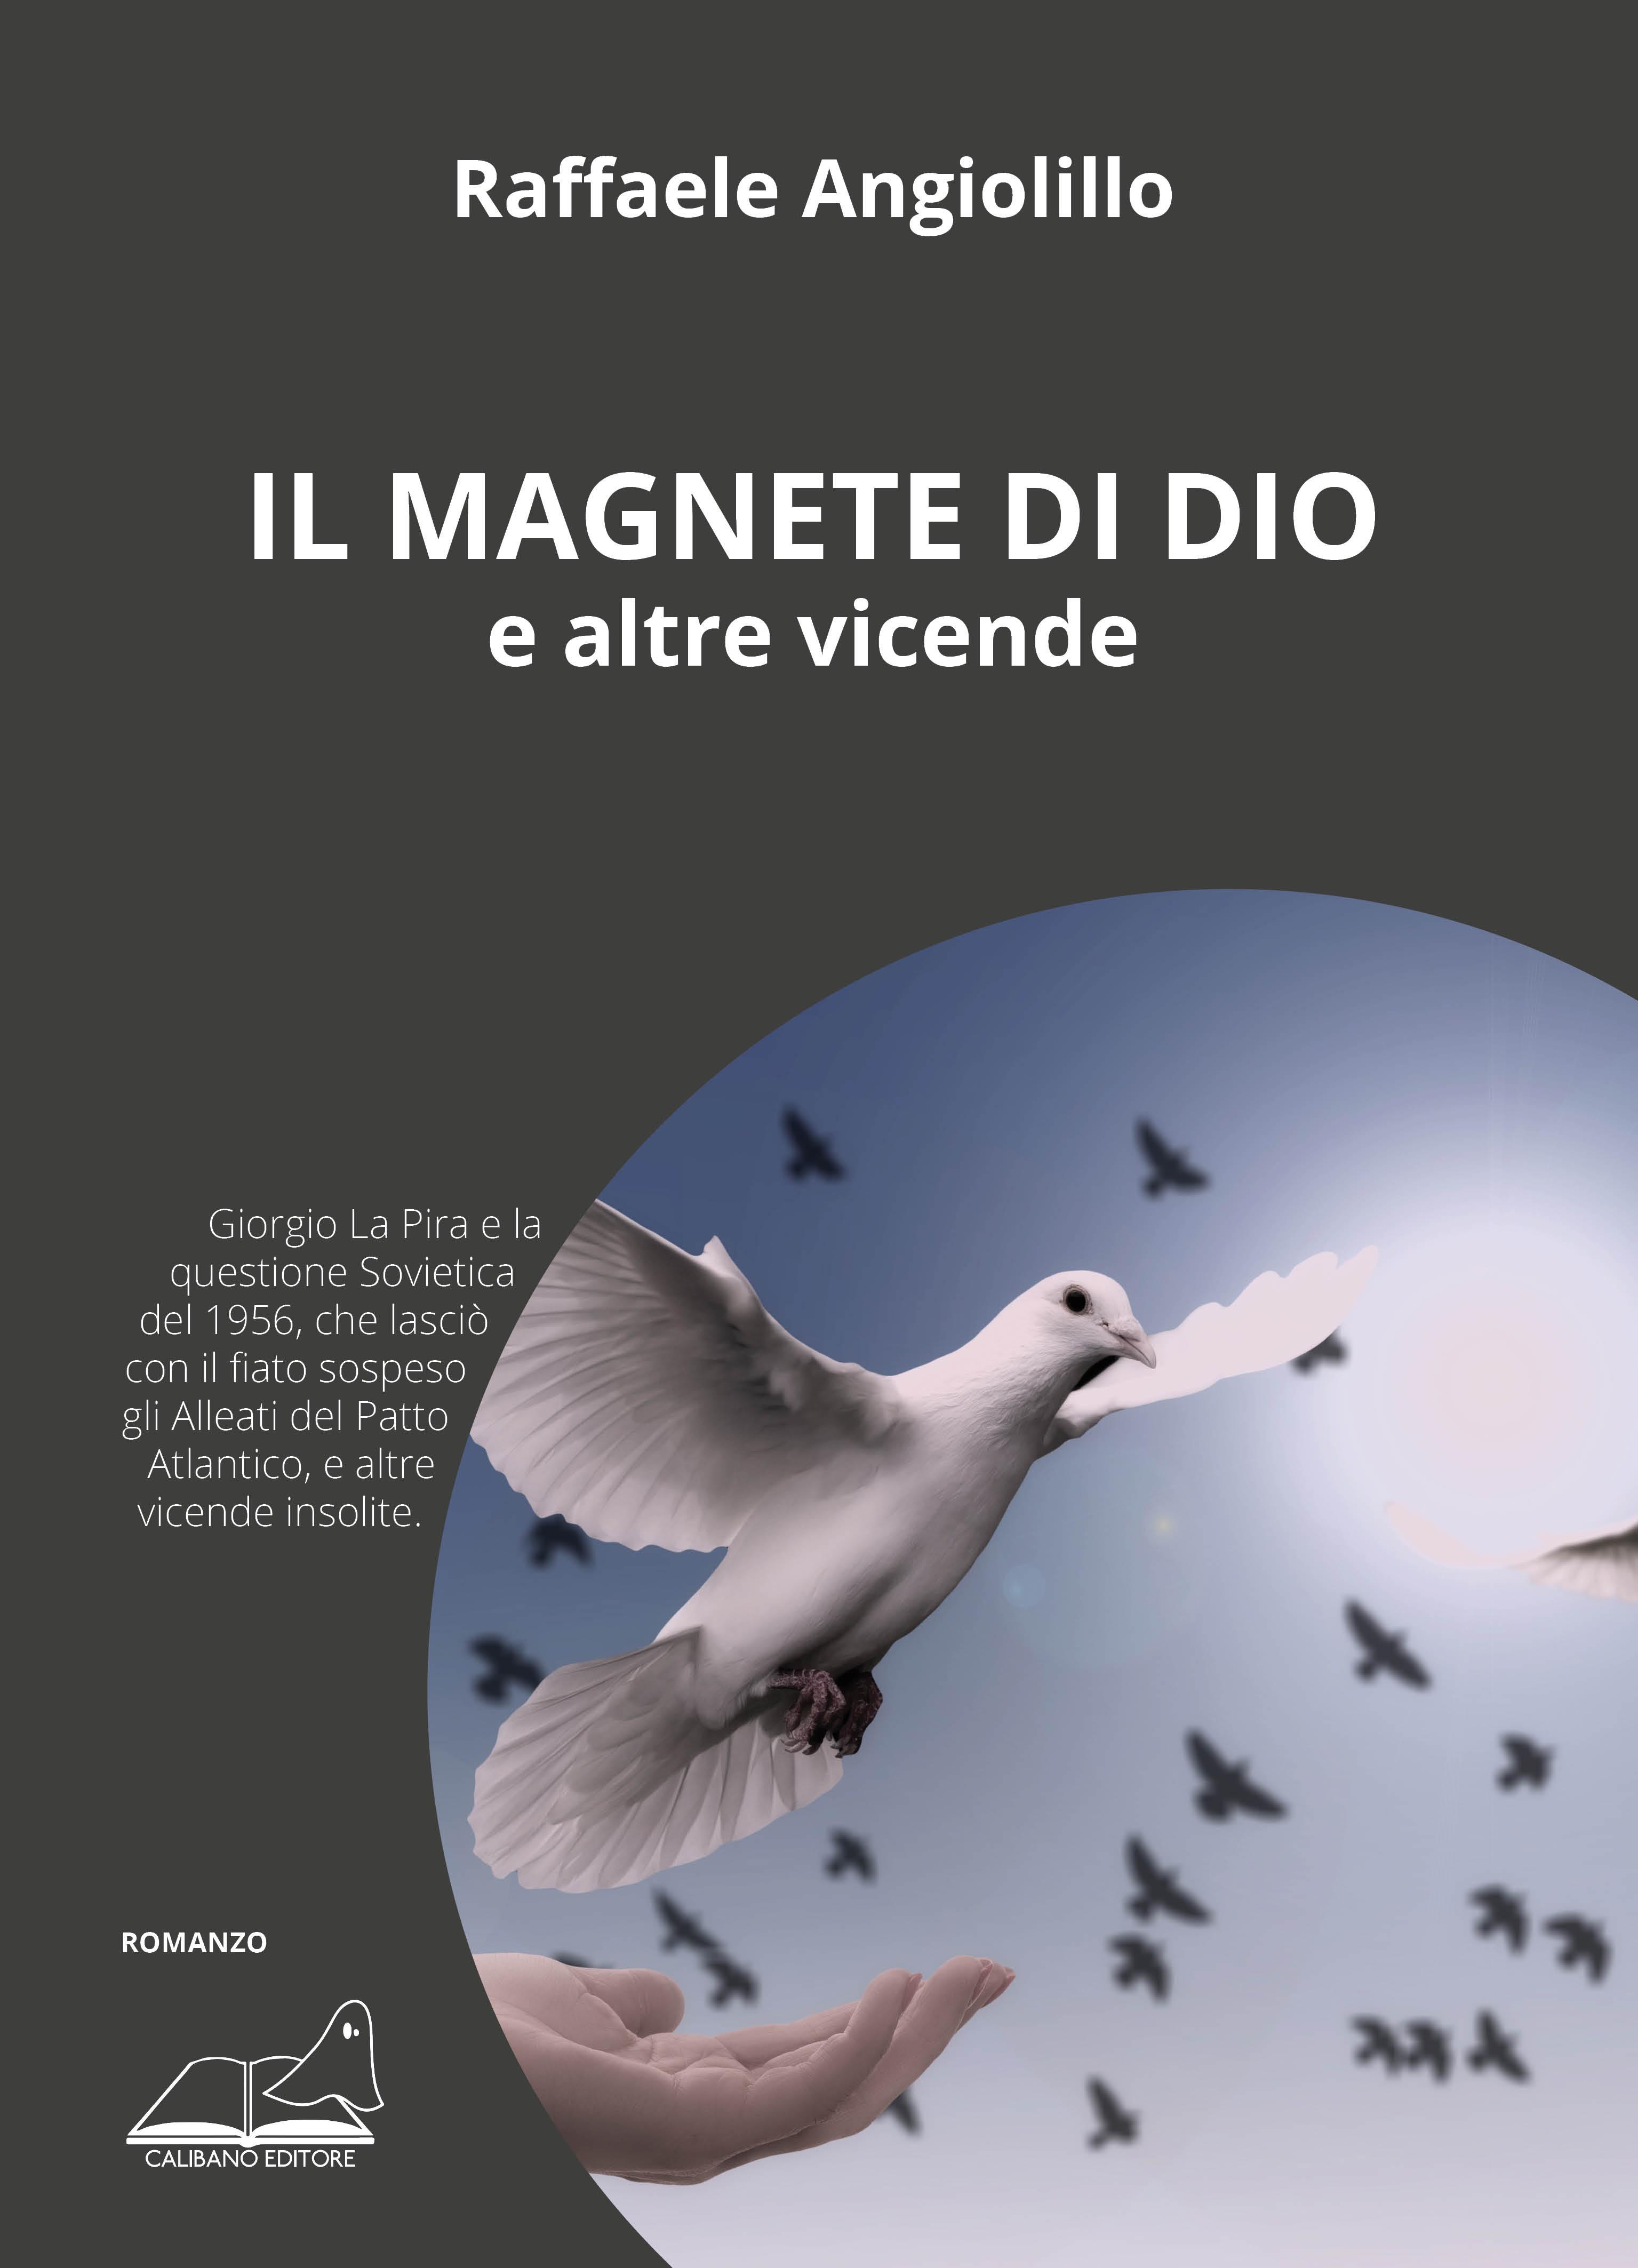 Il magnete di Dio-image-1%>